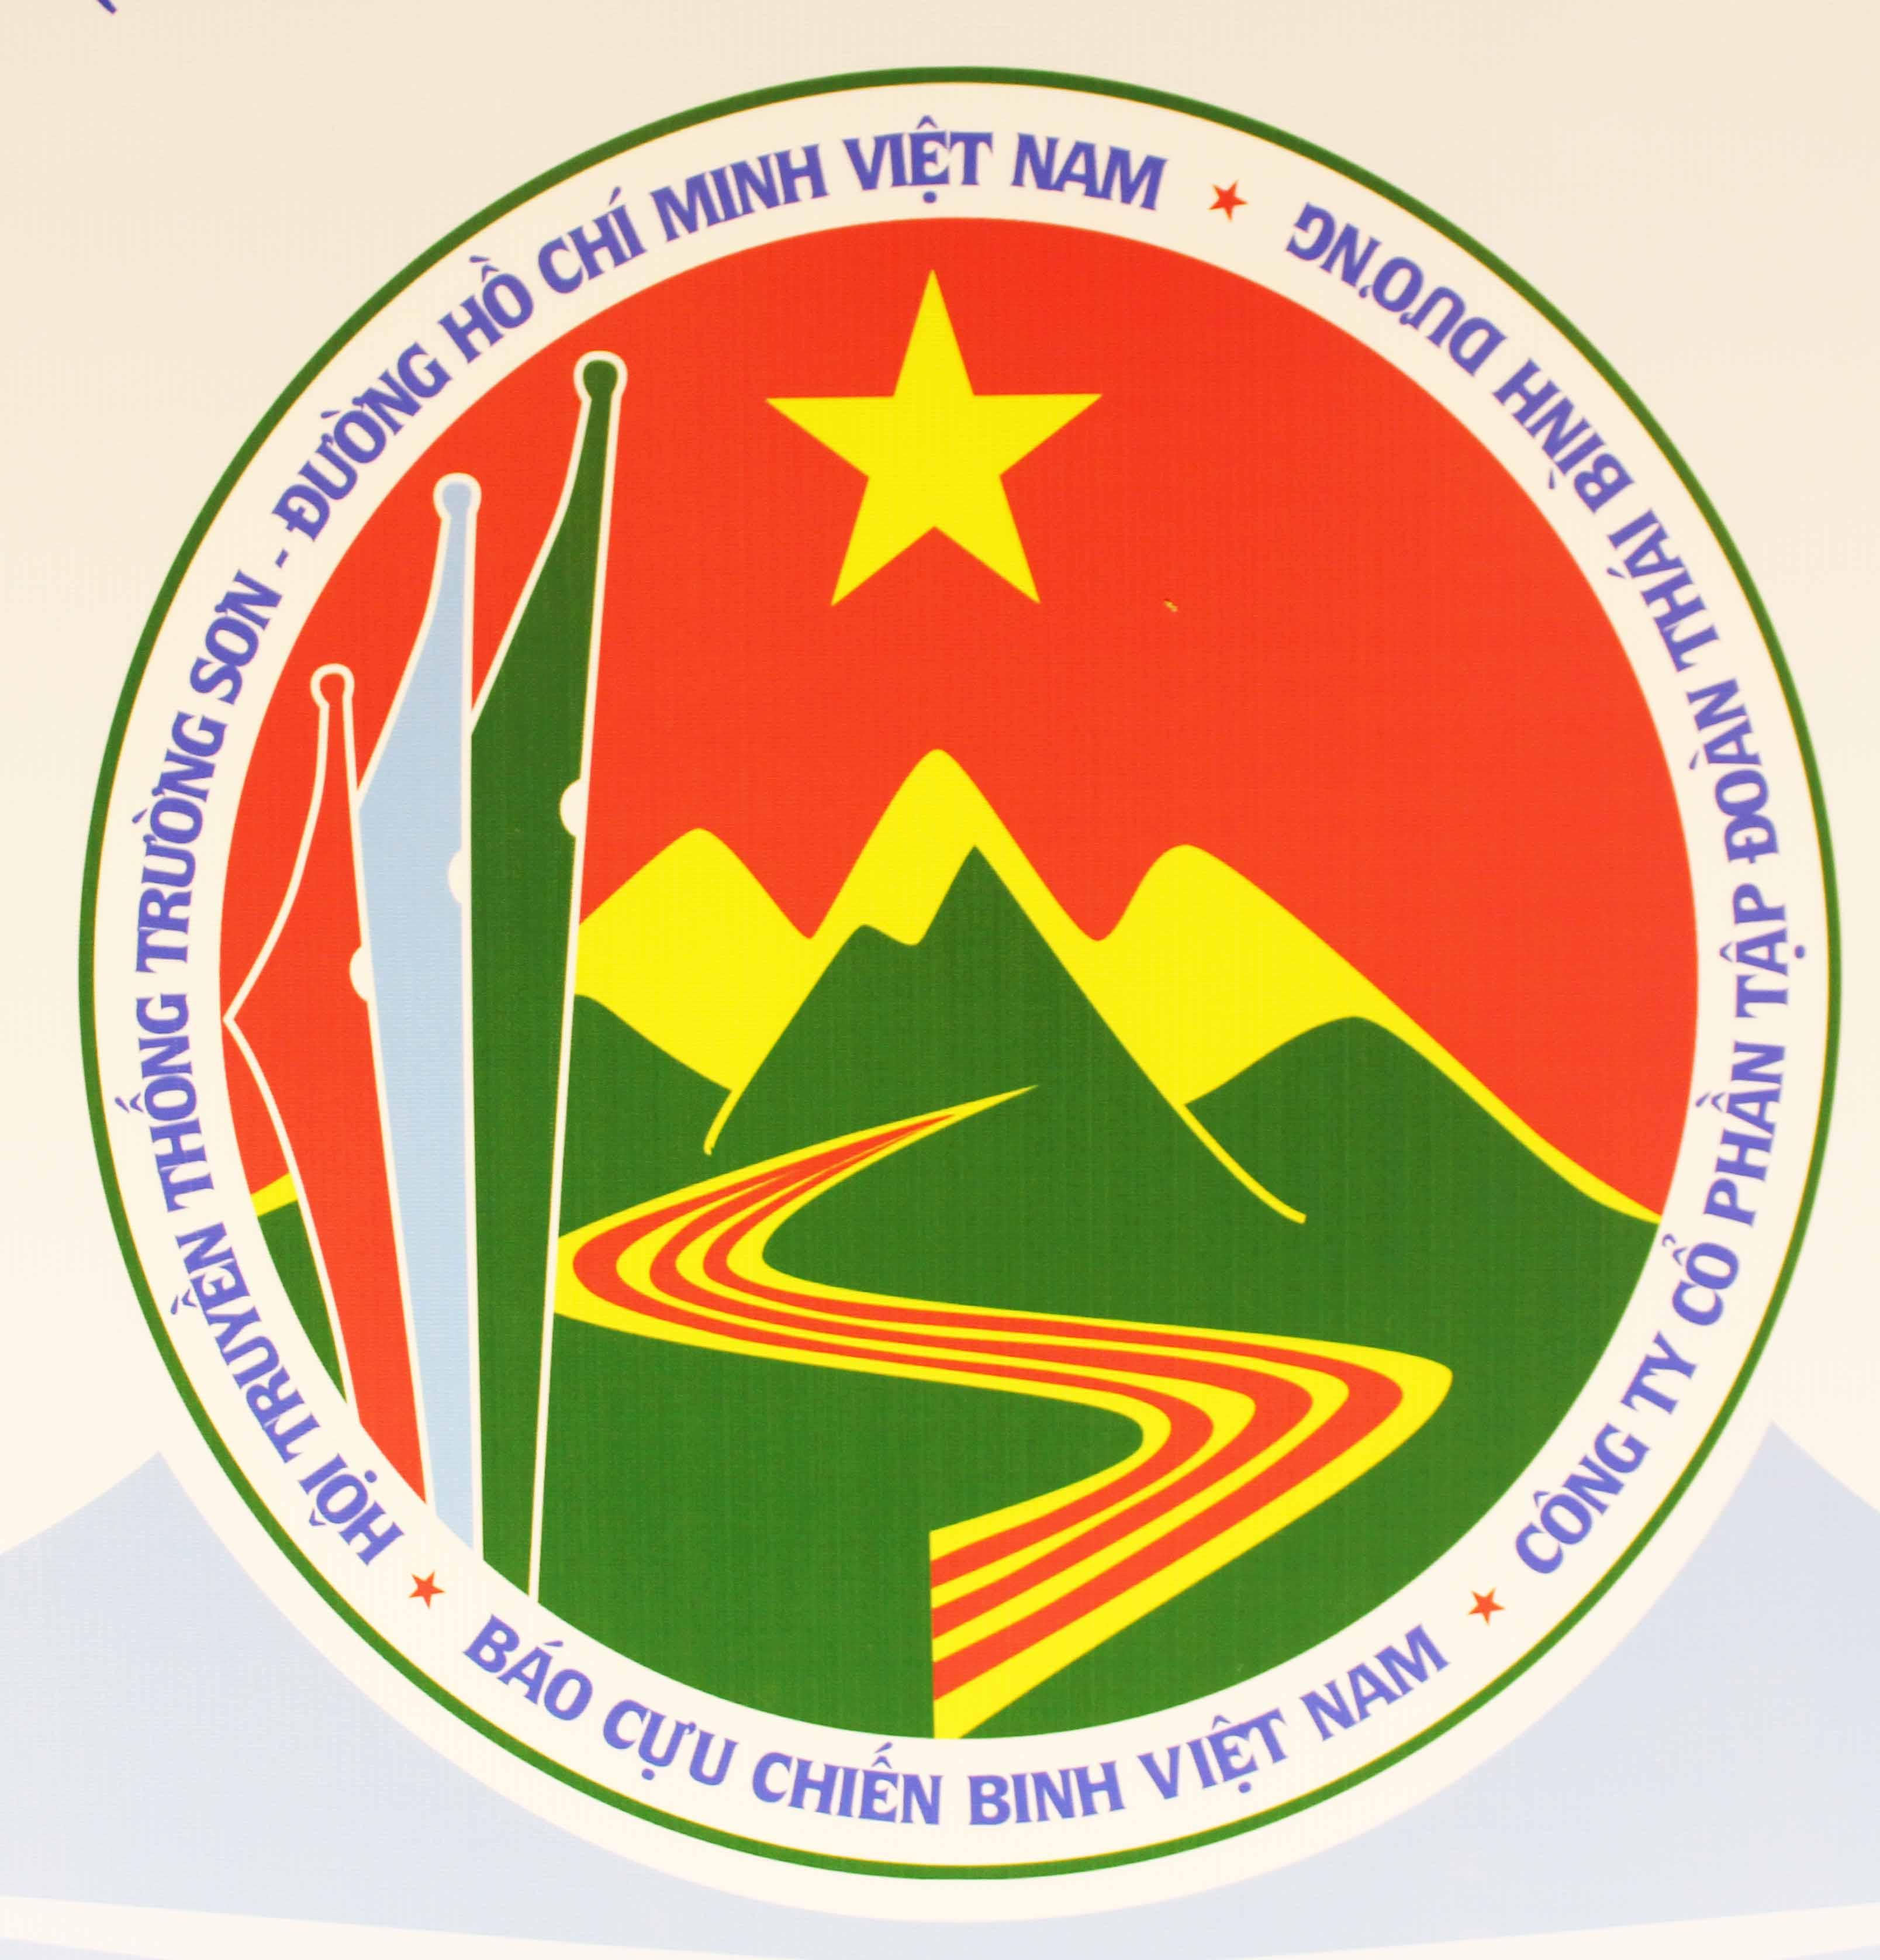 Kỷ niệm Trường Sơn một thời máu lửa - Phạm Thị Nhung